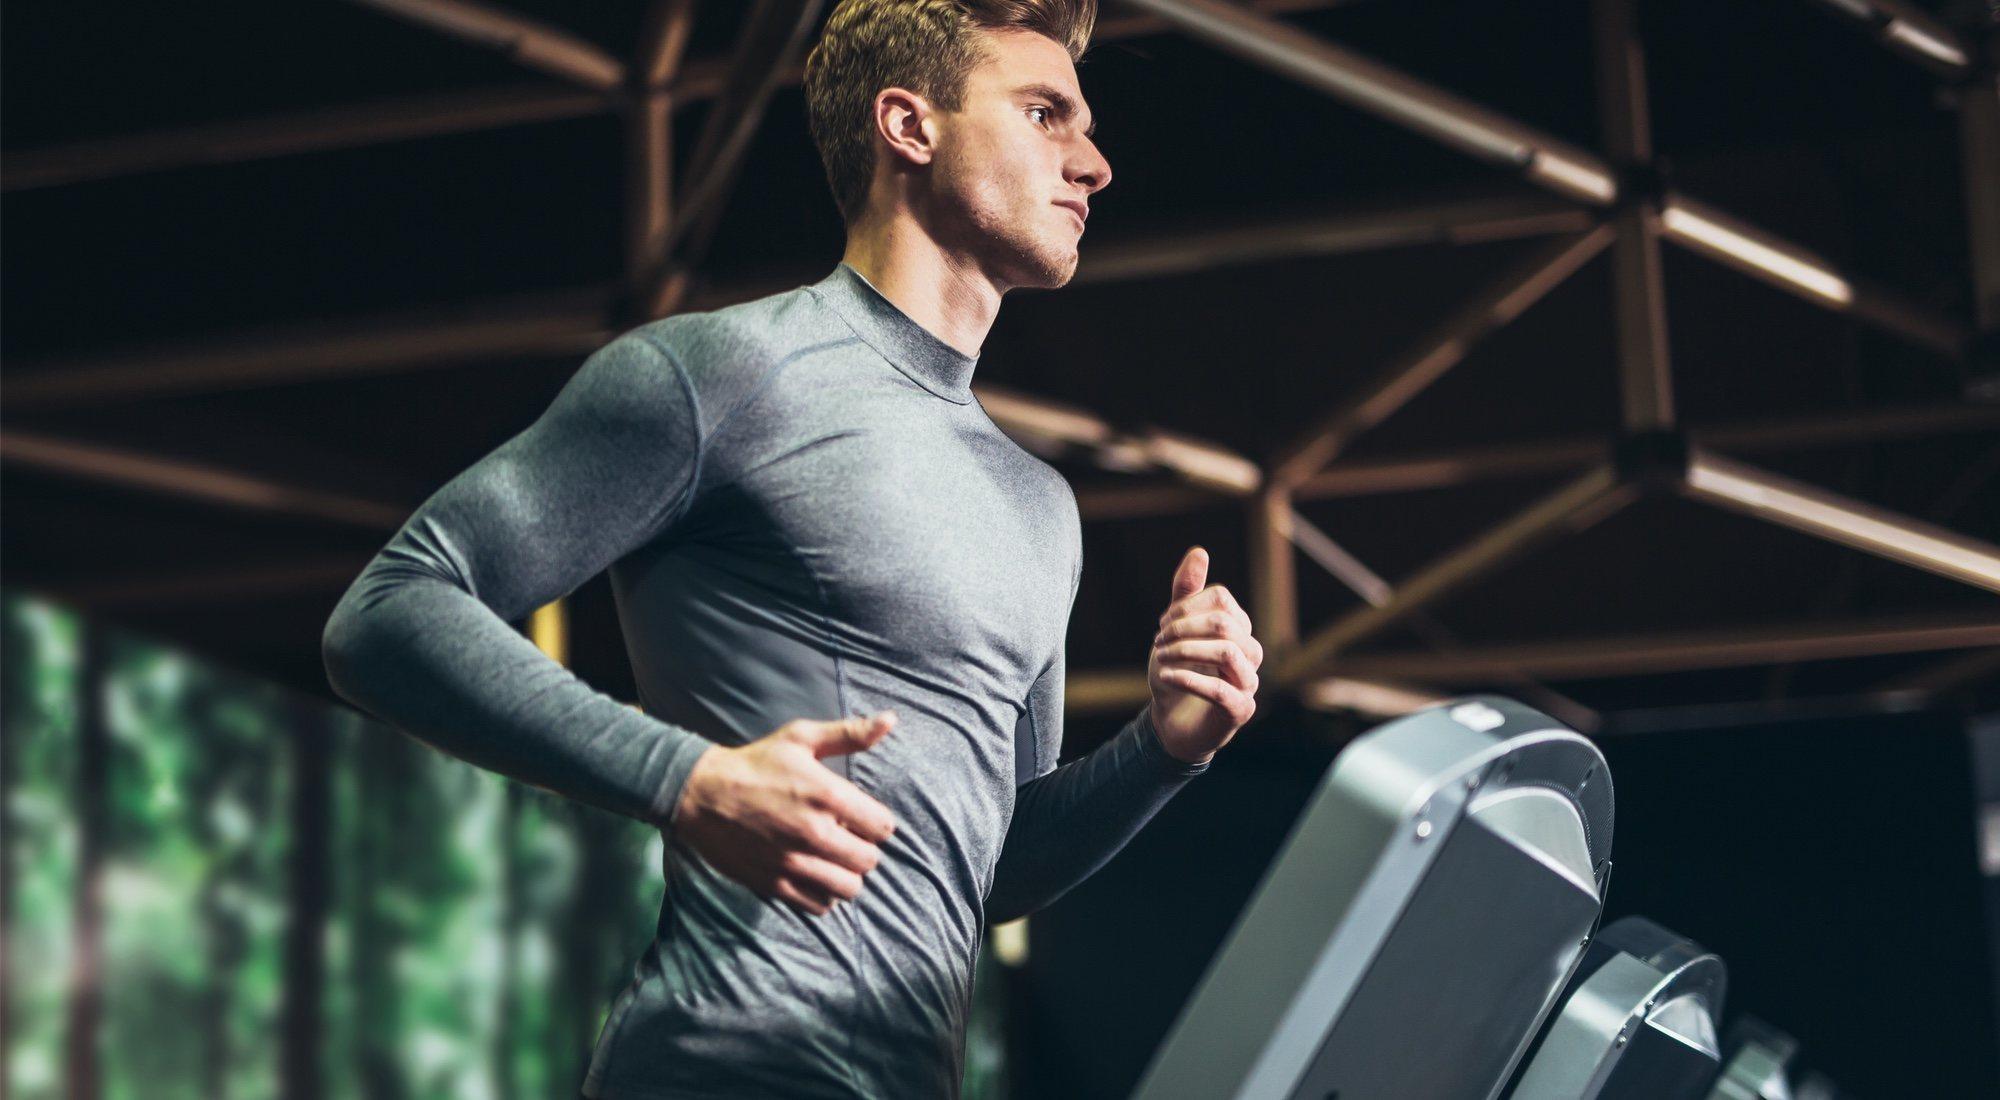 Cinta de correr: características y beneficios de usarla